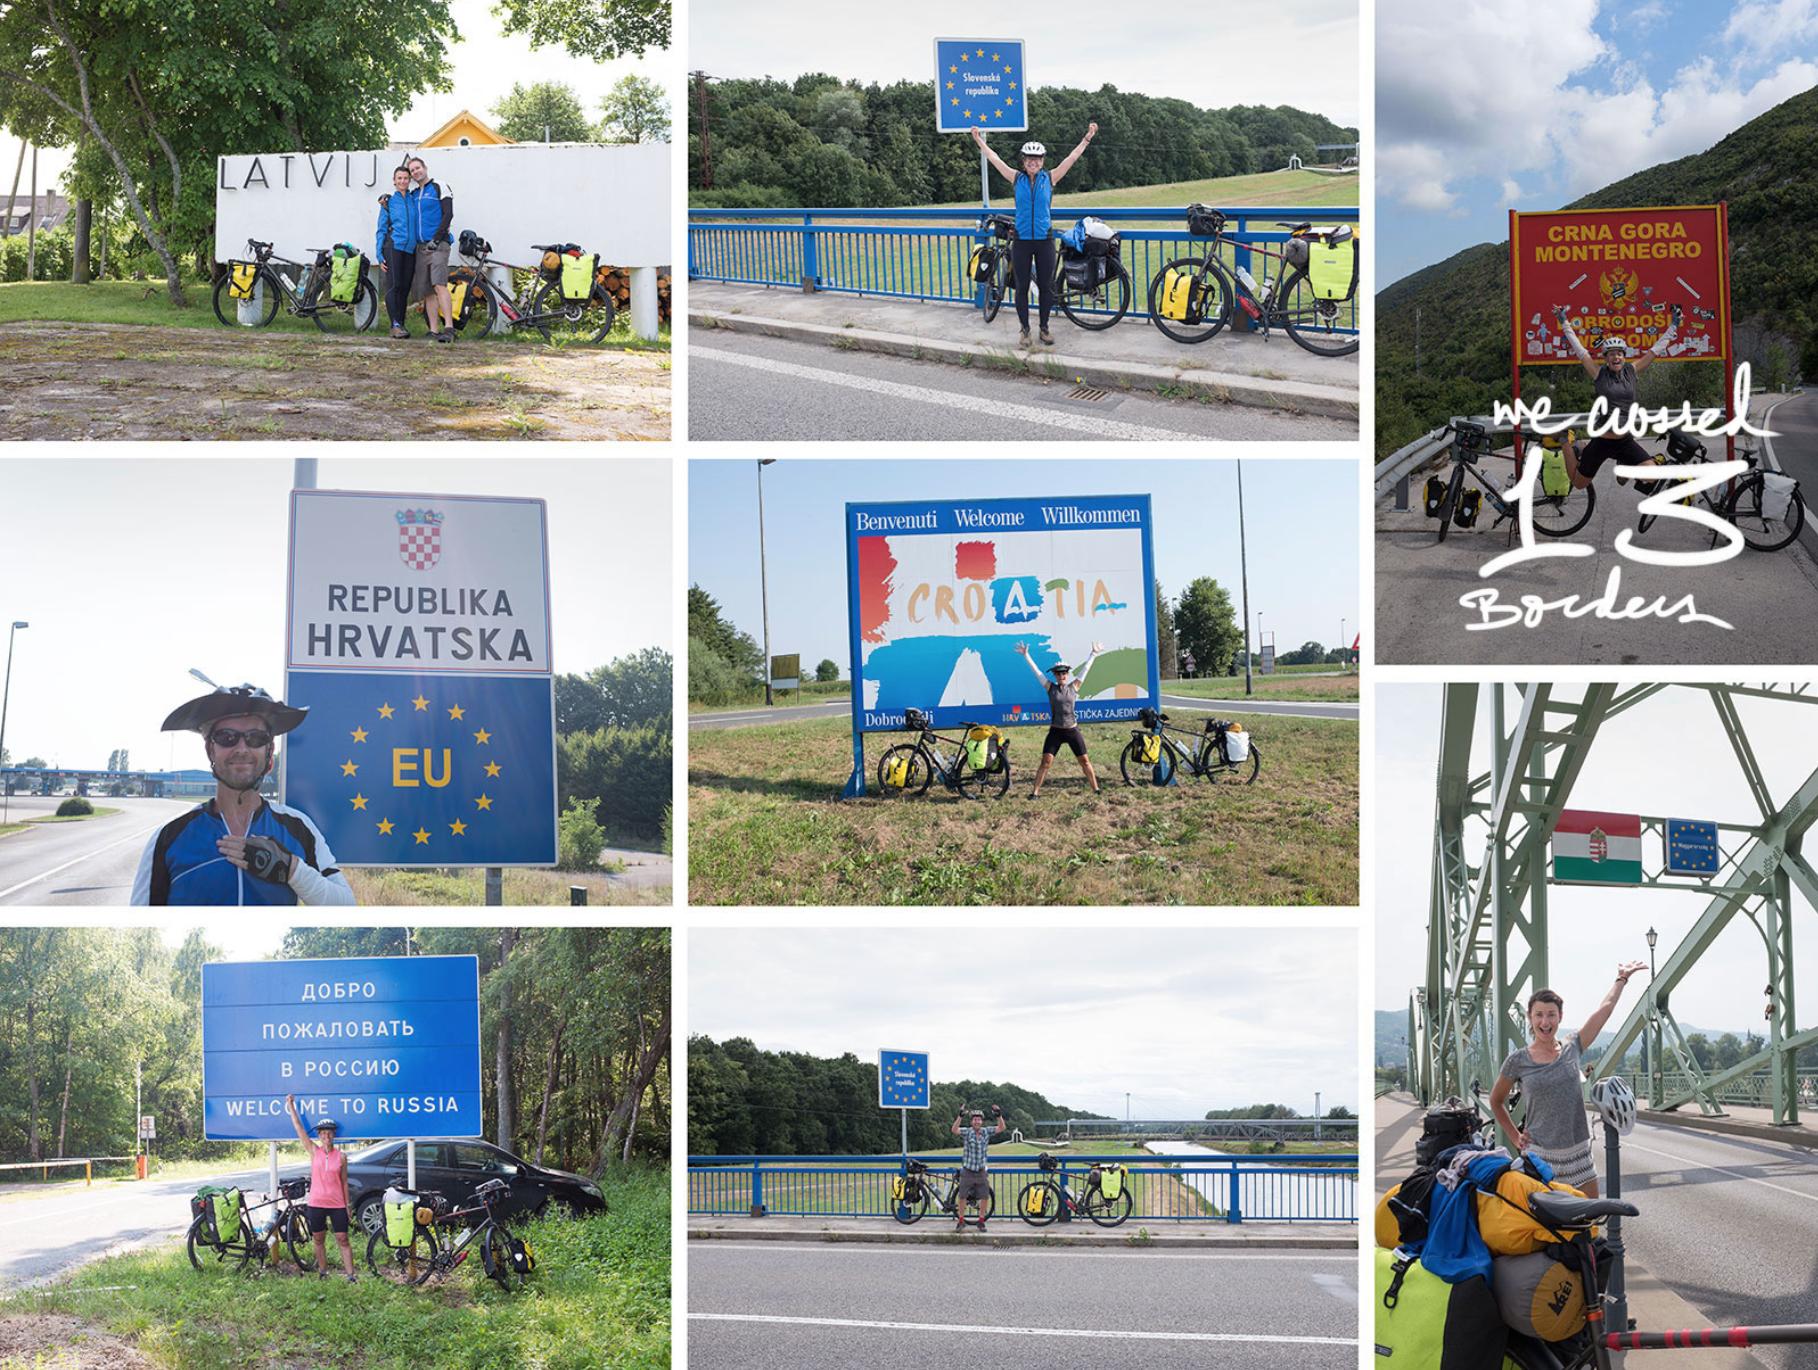 diephuis-trip-bike-3000-miles35.png